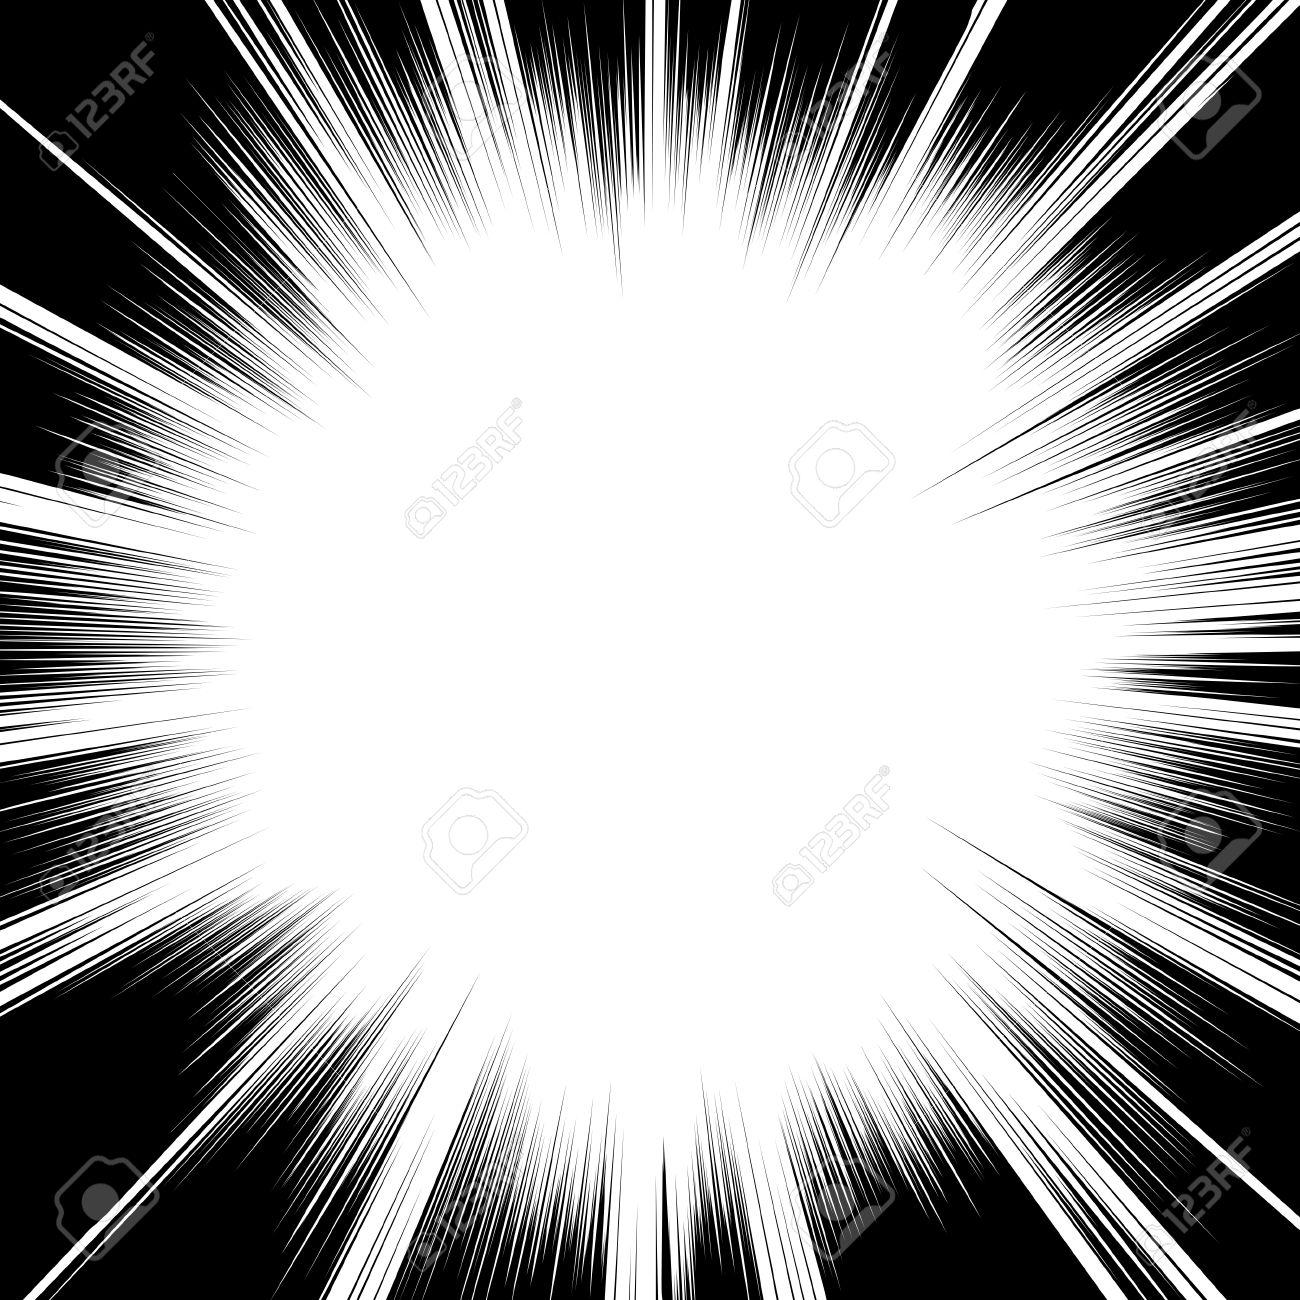 Vettoriale Comic Book Linee Radiali Sfondo Bianco E Nero Piazza